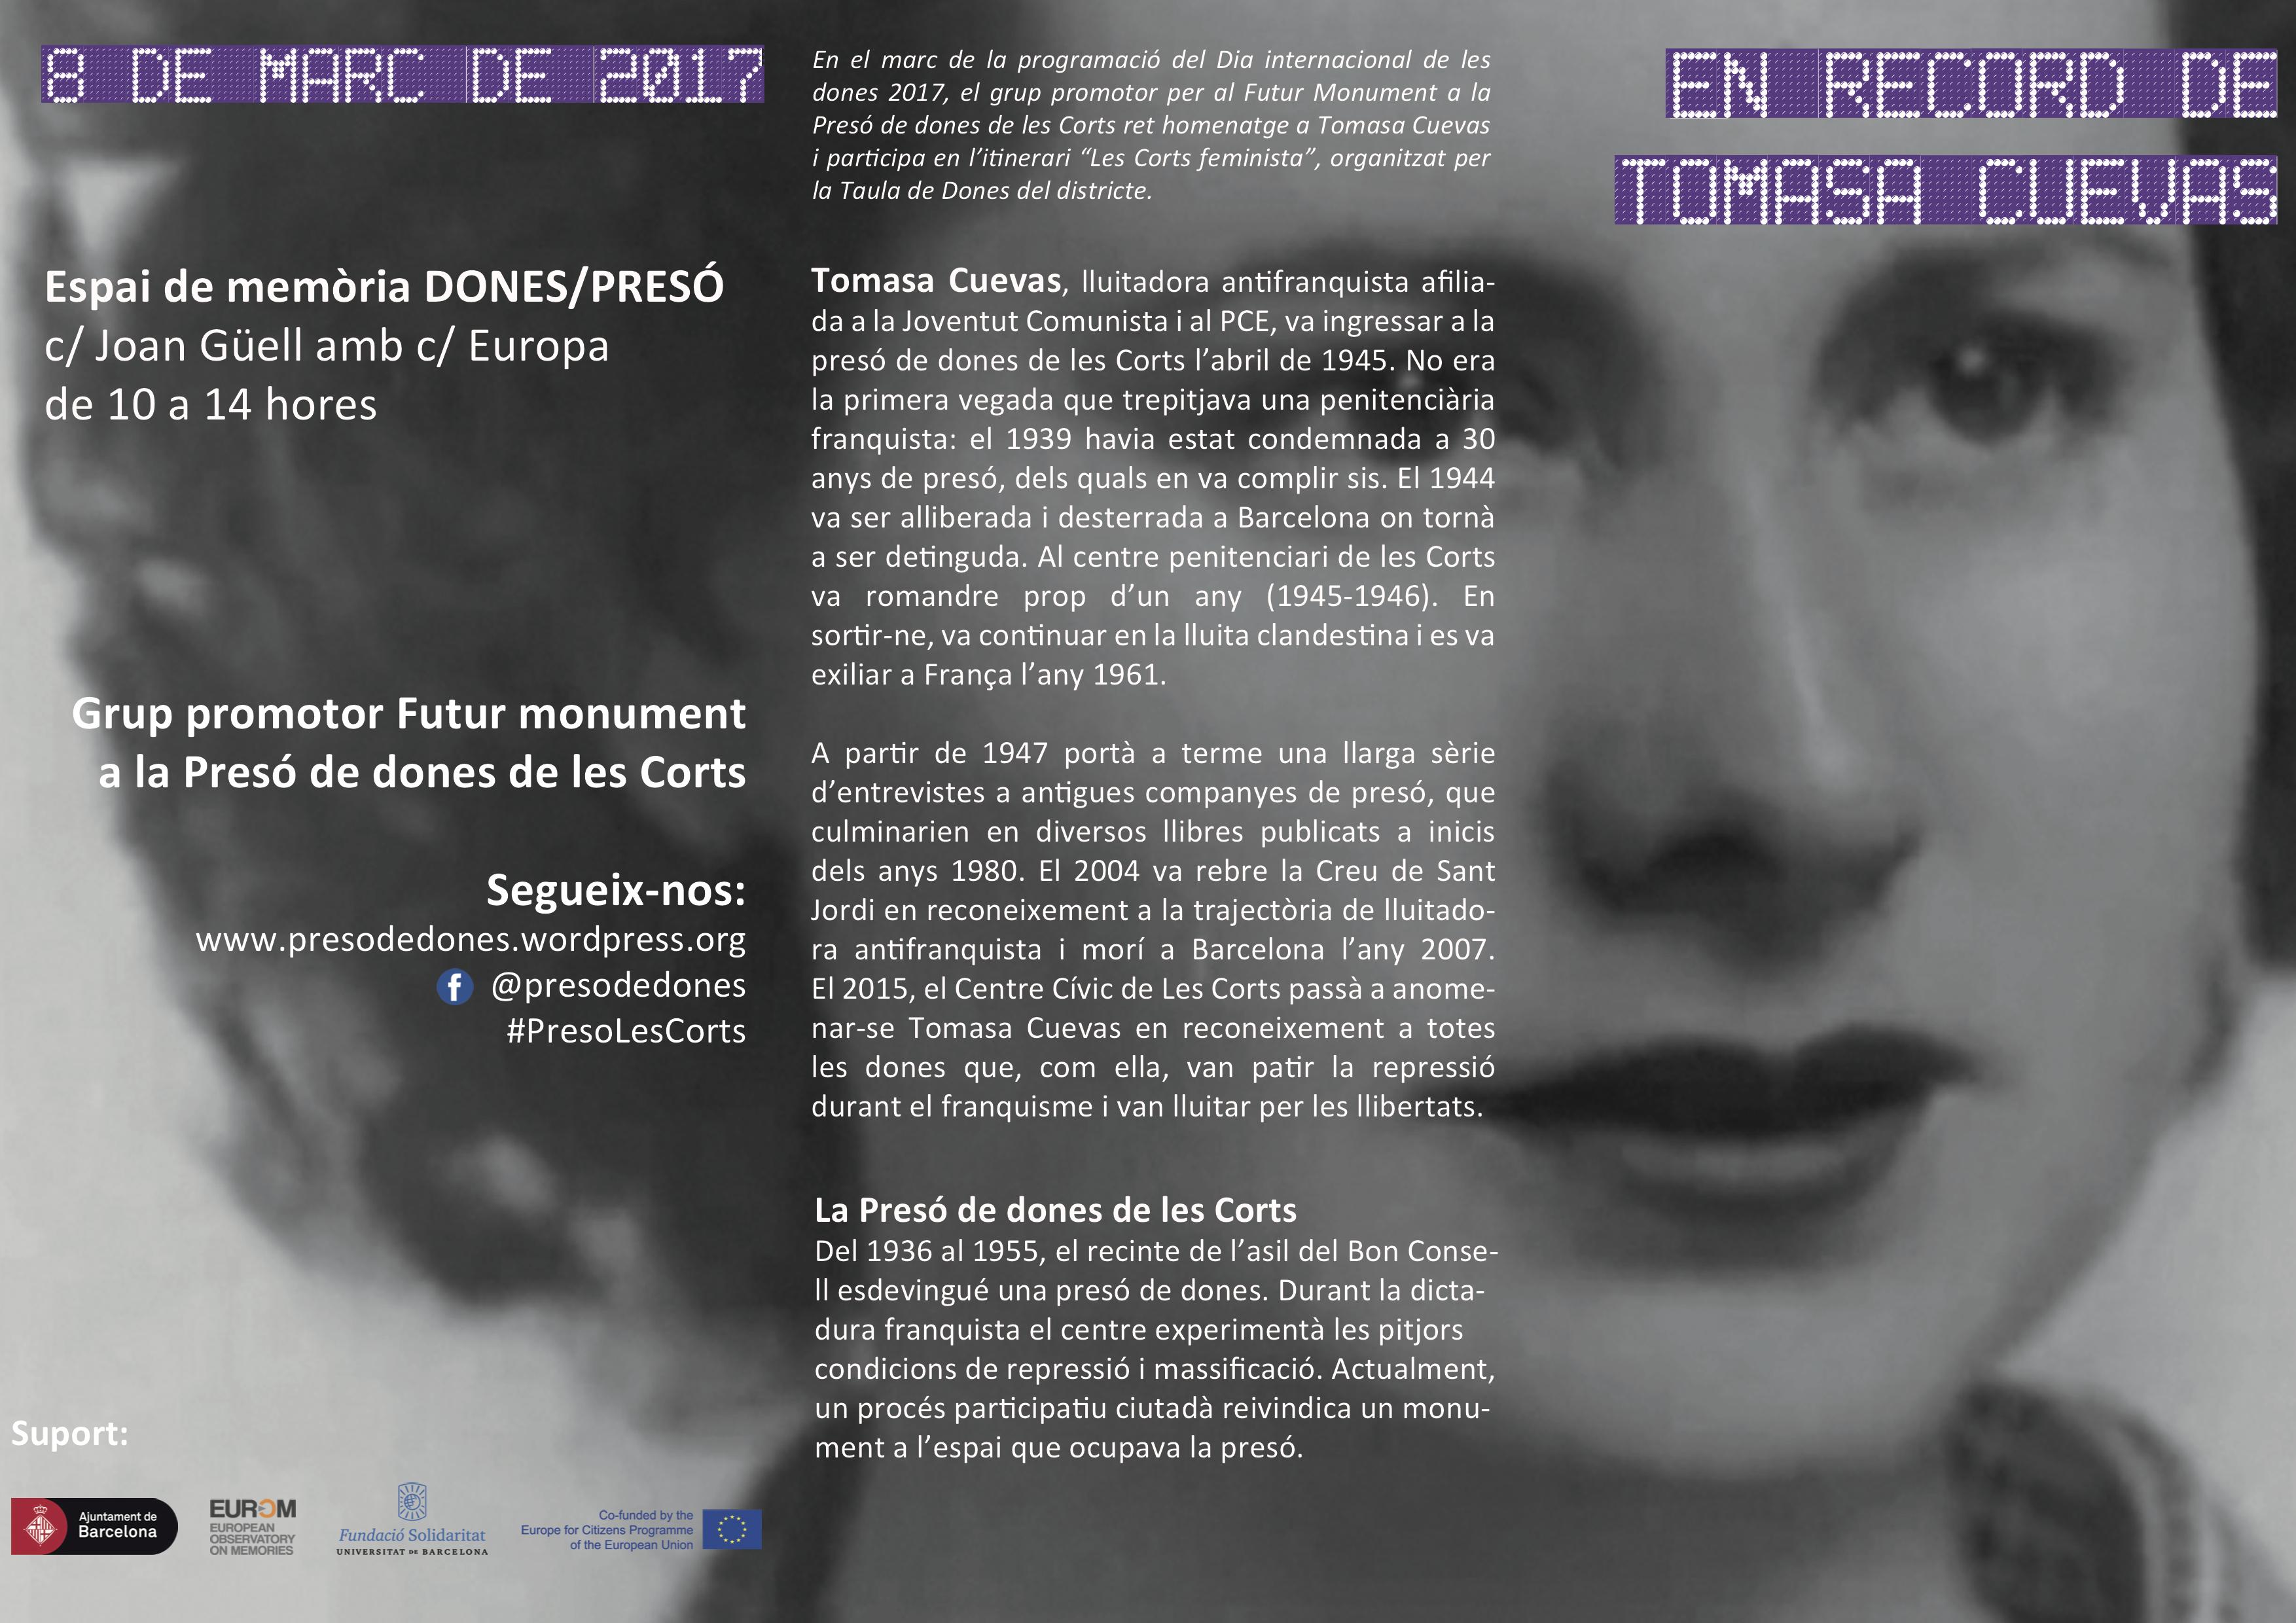 Tomasa Cuevas - 8 de març 2017 - Les Corts